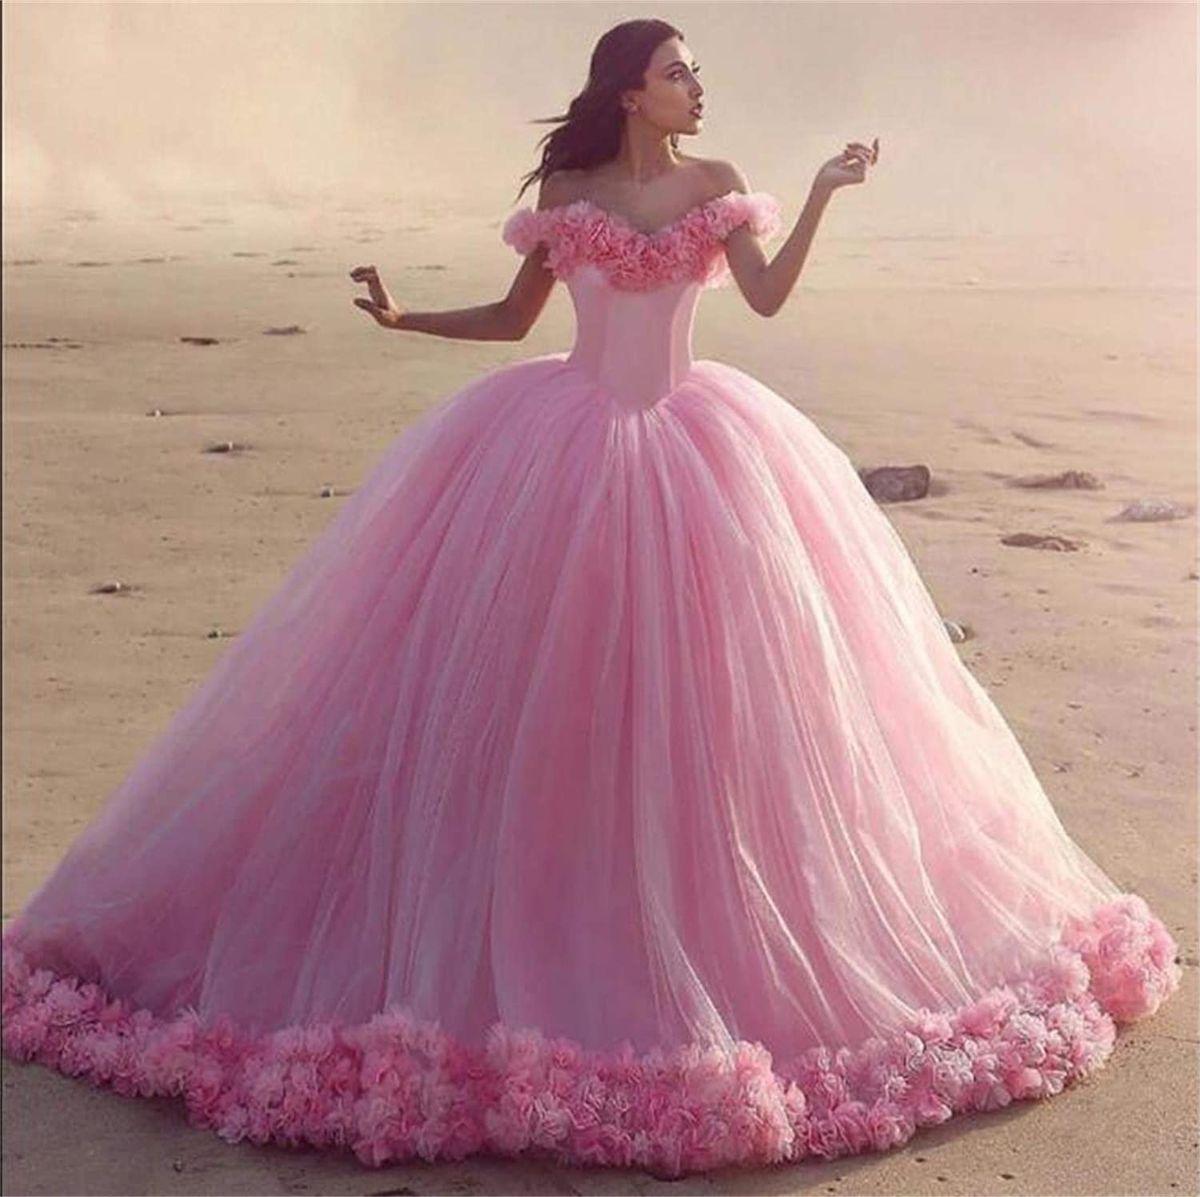 Sukienka na Quinceanera różowa suknia balowa 3D kwiaty księżniczka gorset tiul błyszczy słodka 16 sukienki Vestido De Debutante